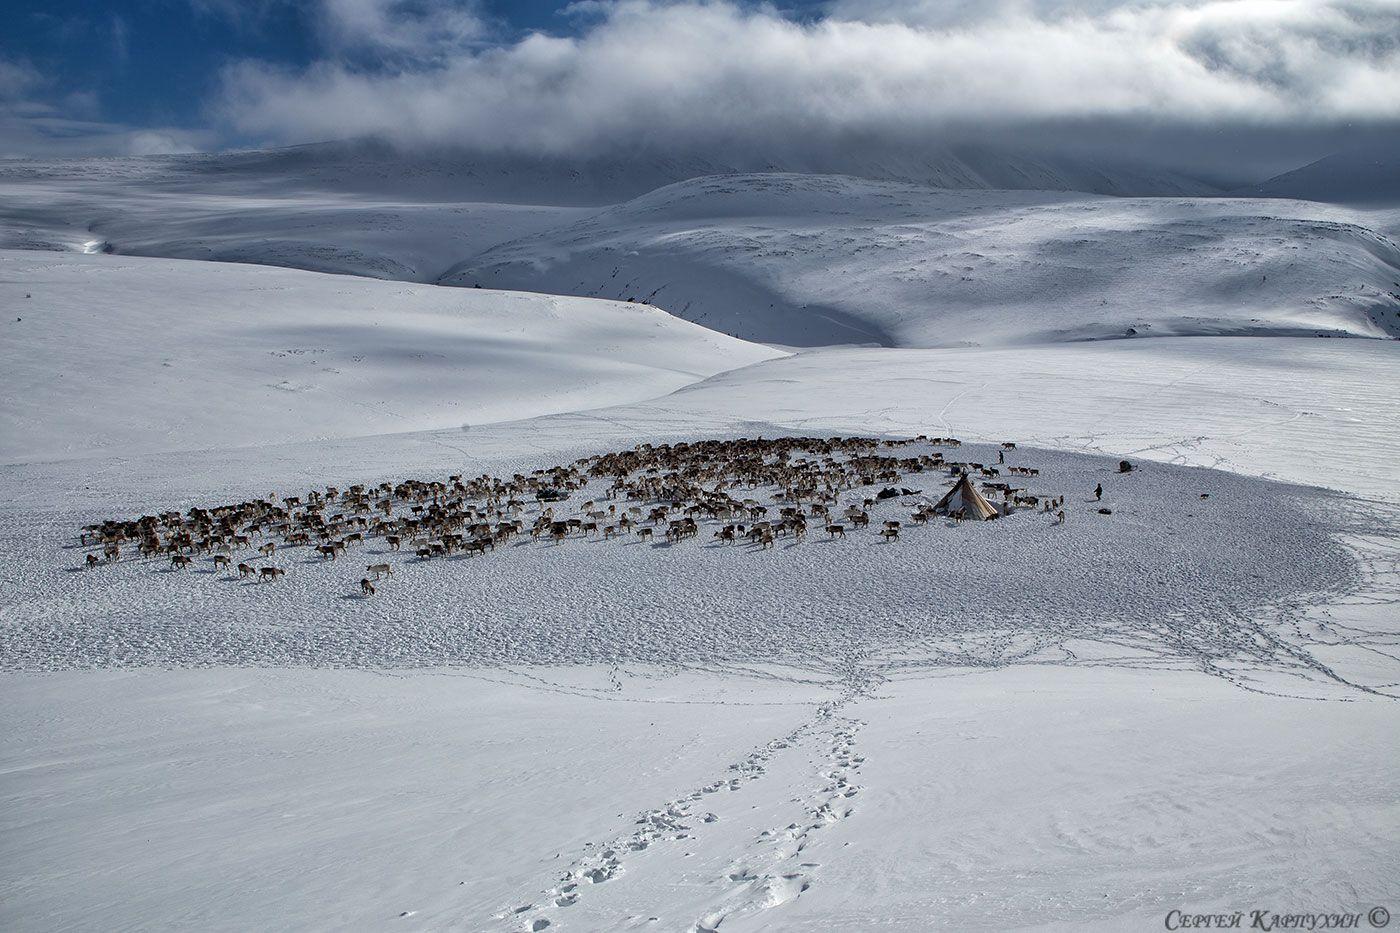 полярный урал, стойбище, оленеводы, чум, олени, горы, снег, Сергей Карпухин